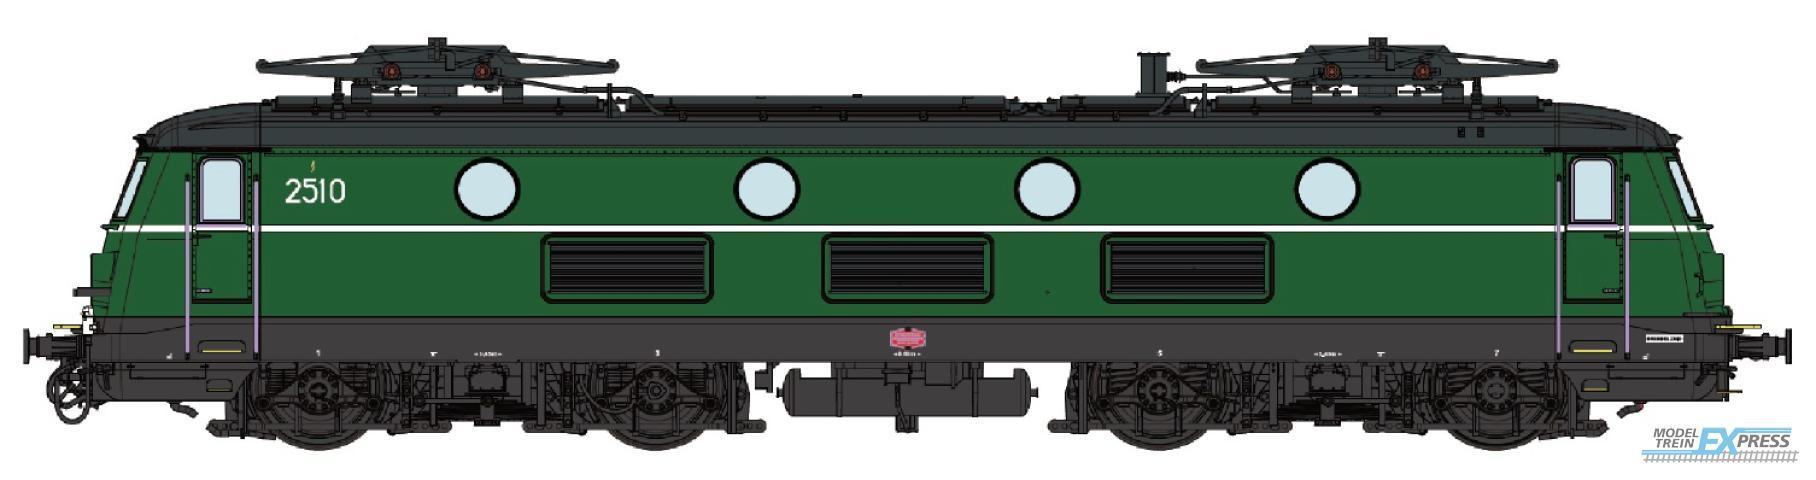 B-Models 3203.06